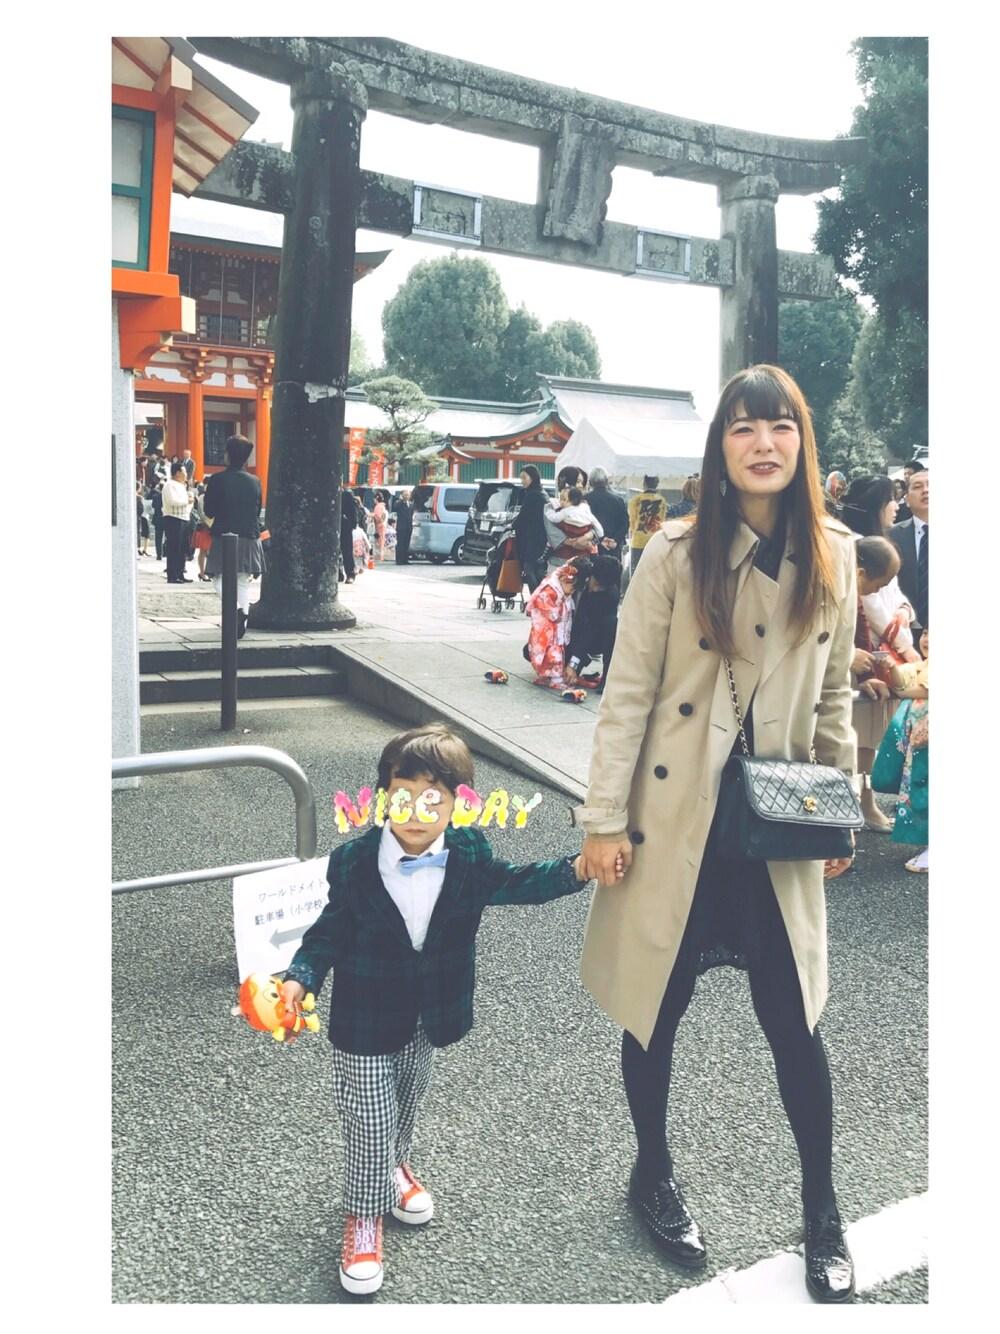 神社 お参り 5歳男の子 母親スーツ